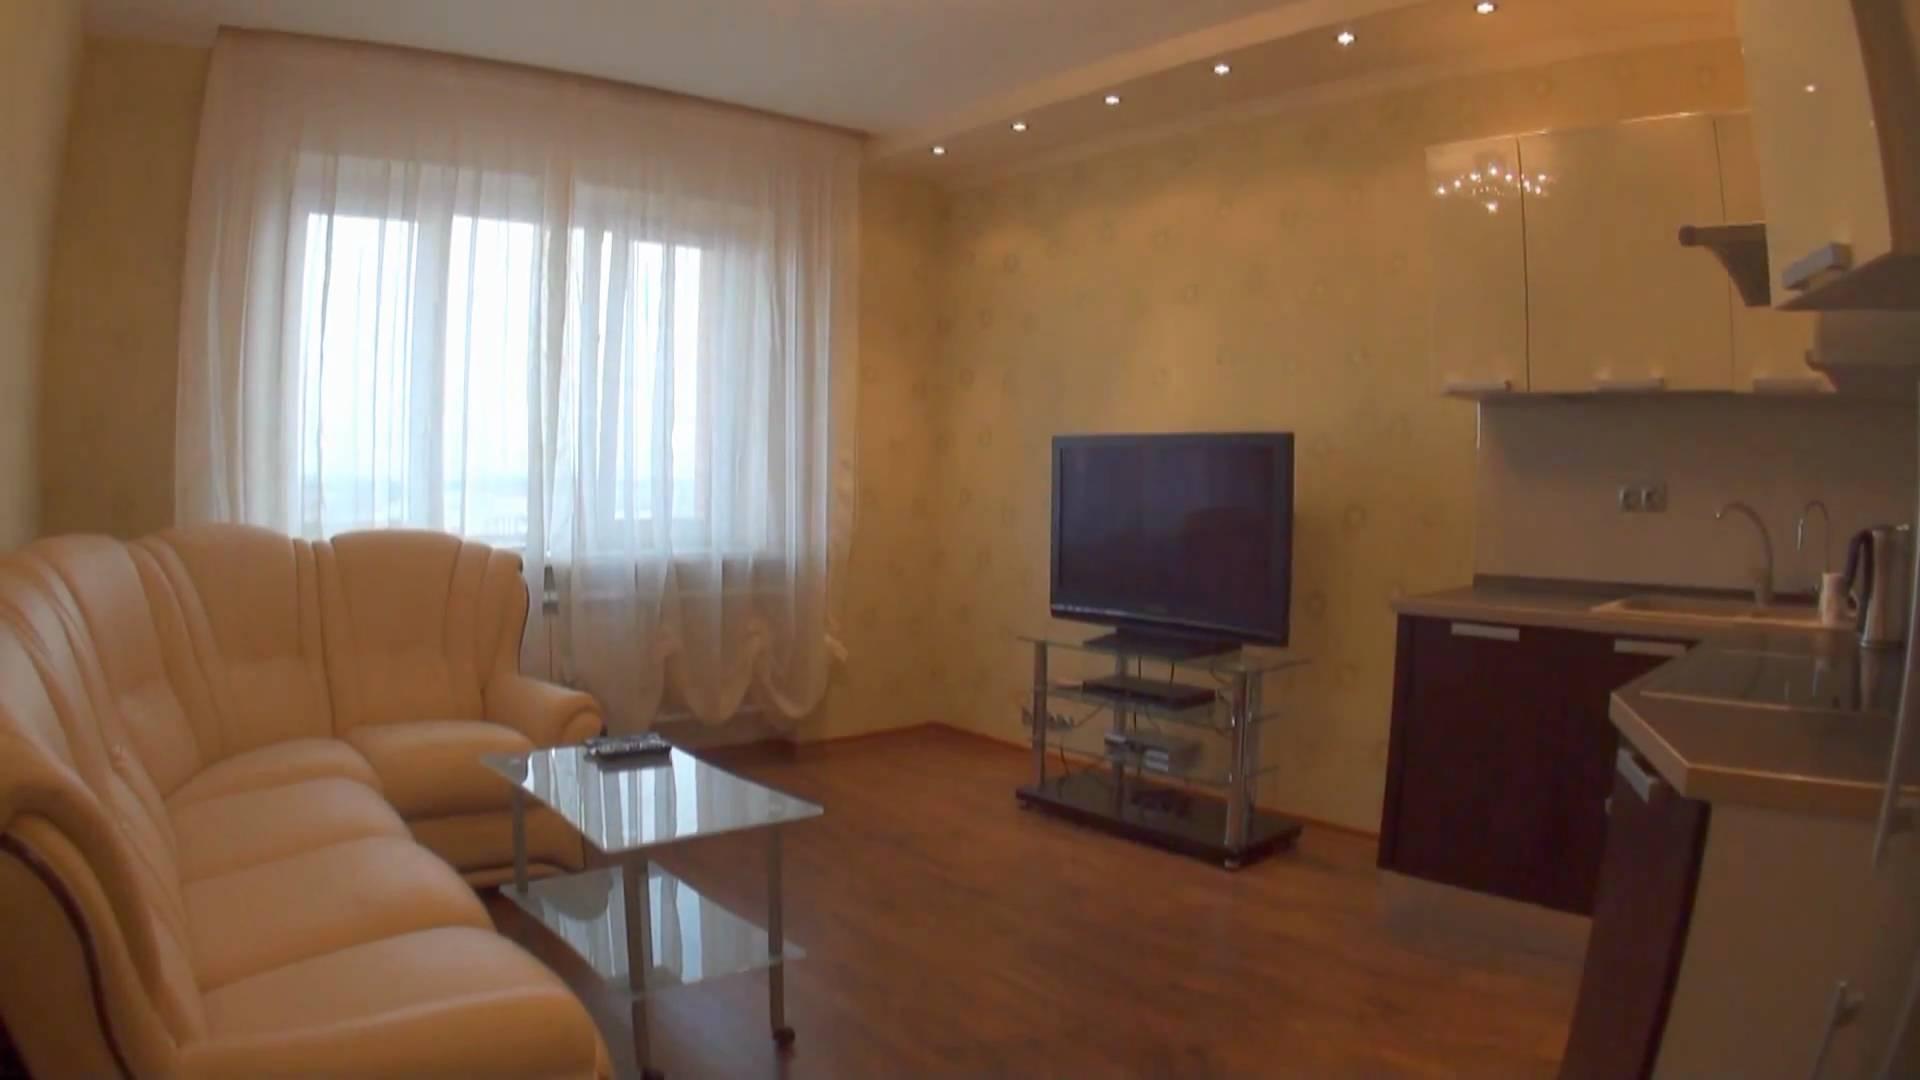 можете купить 1 комнатные квартиры в москве на авито поговорим